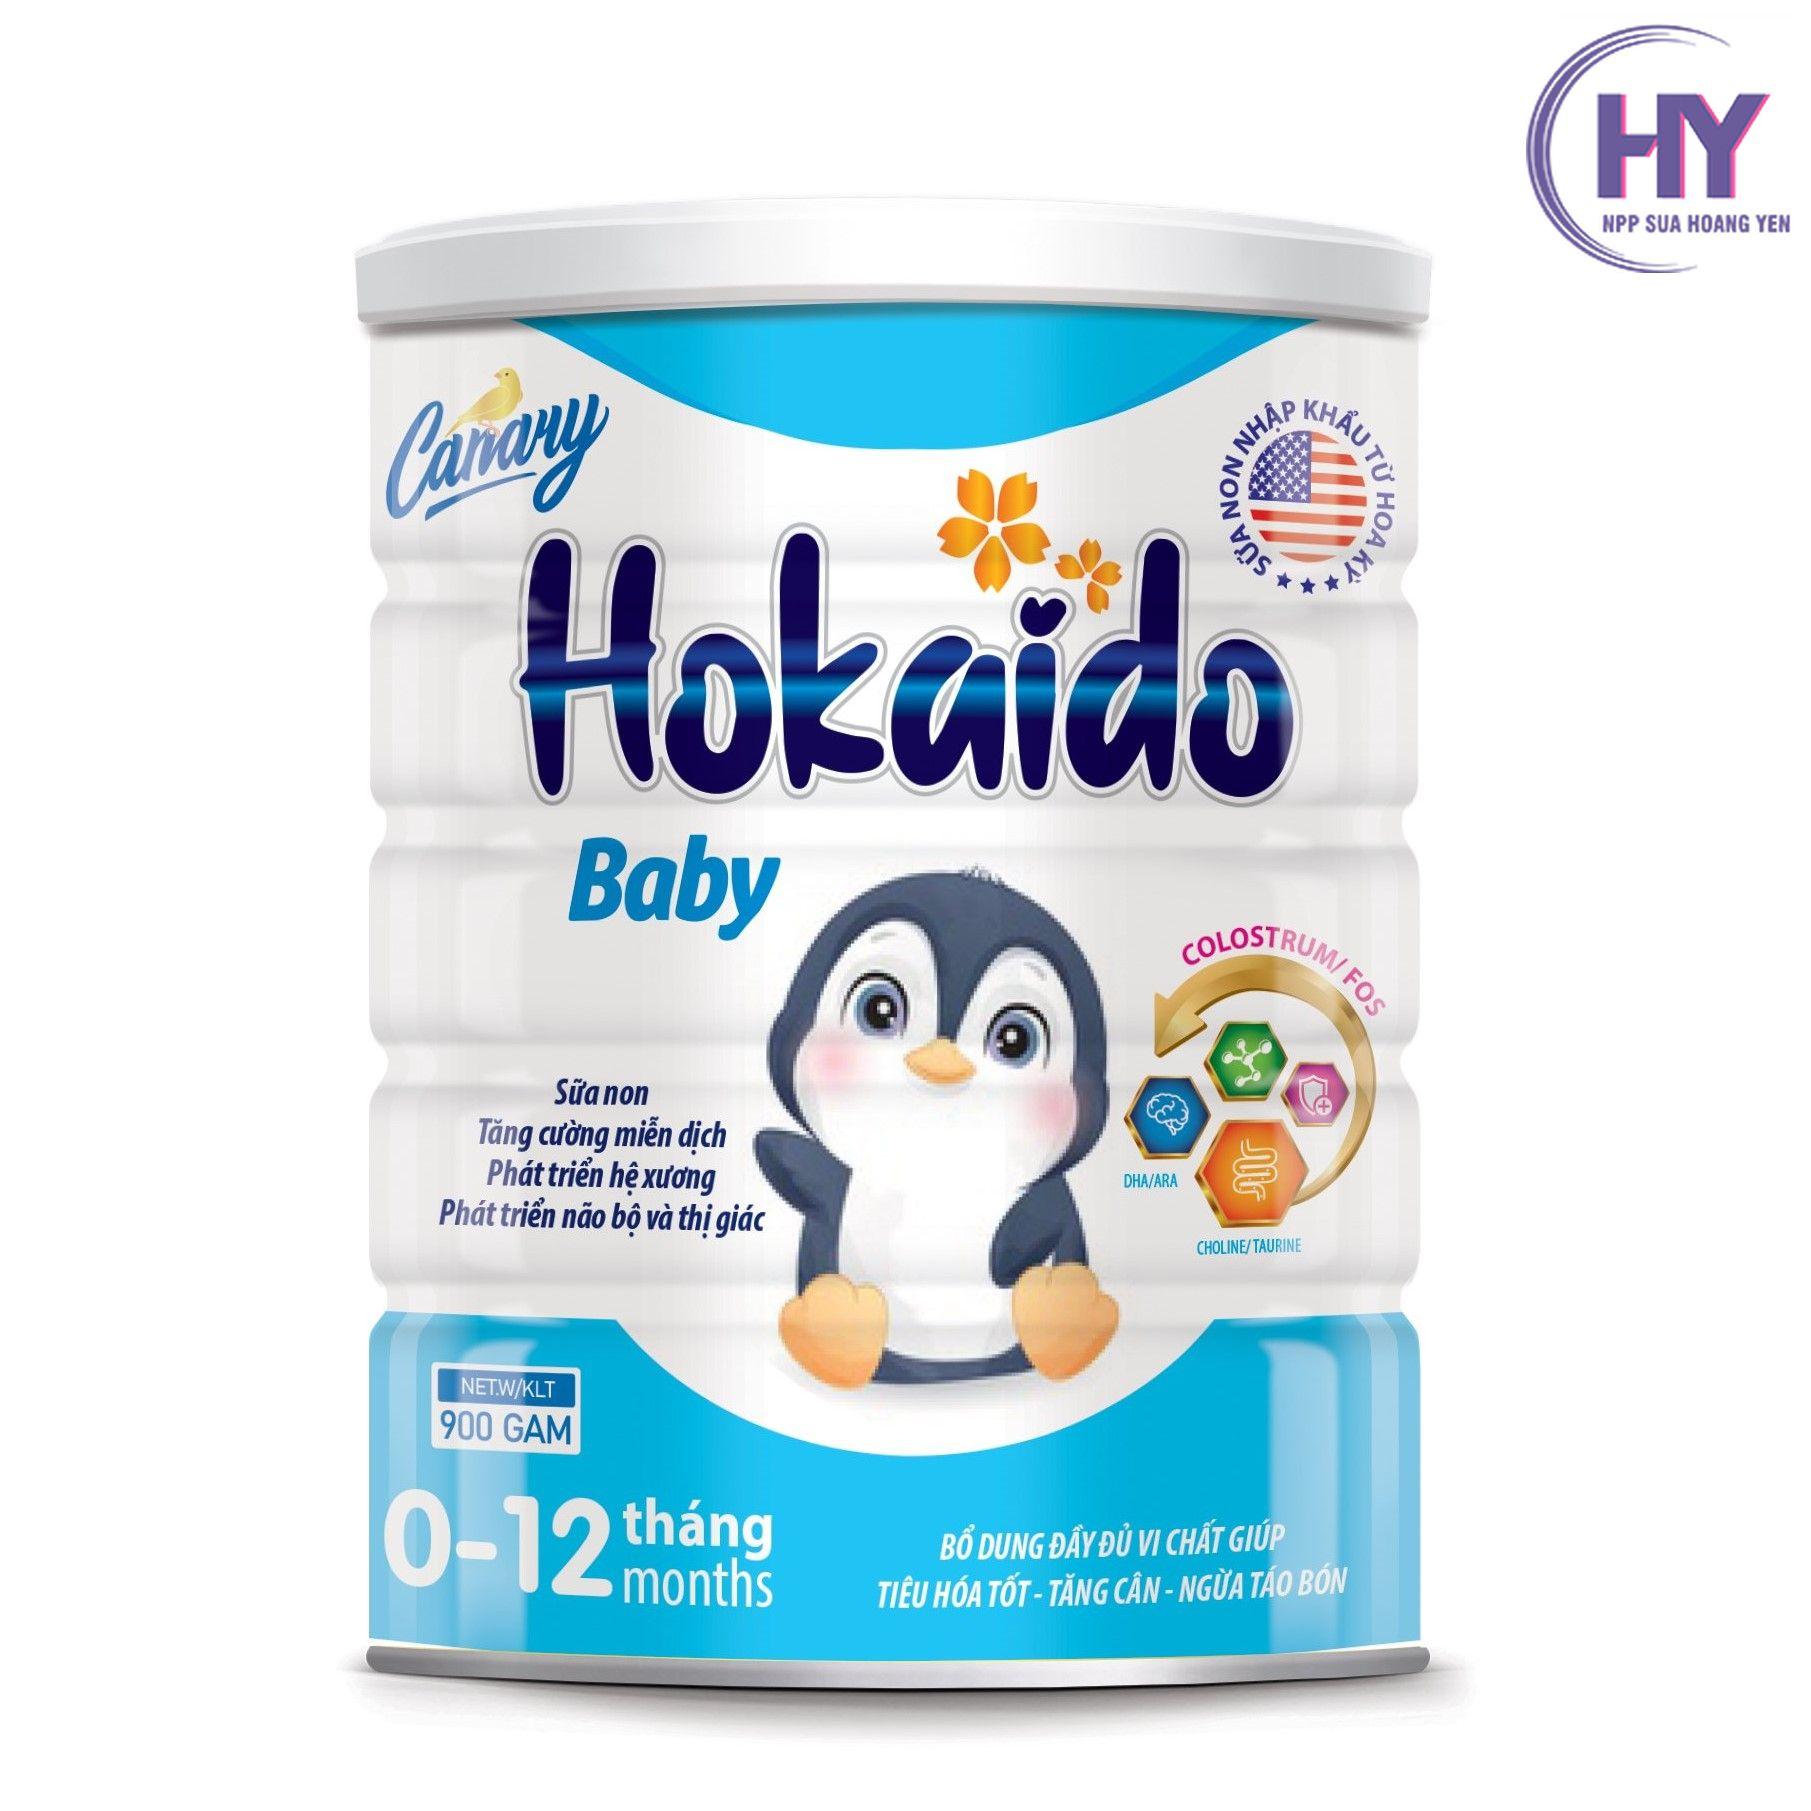 hokaido-baby